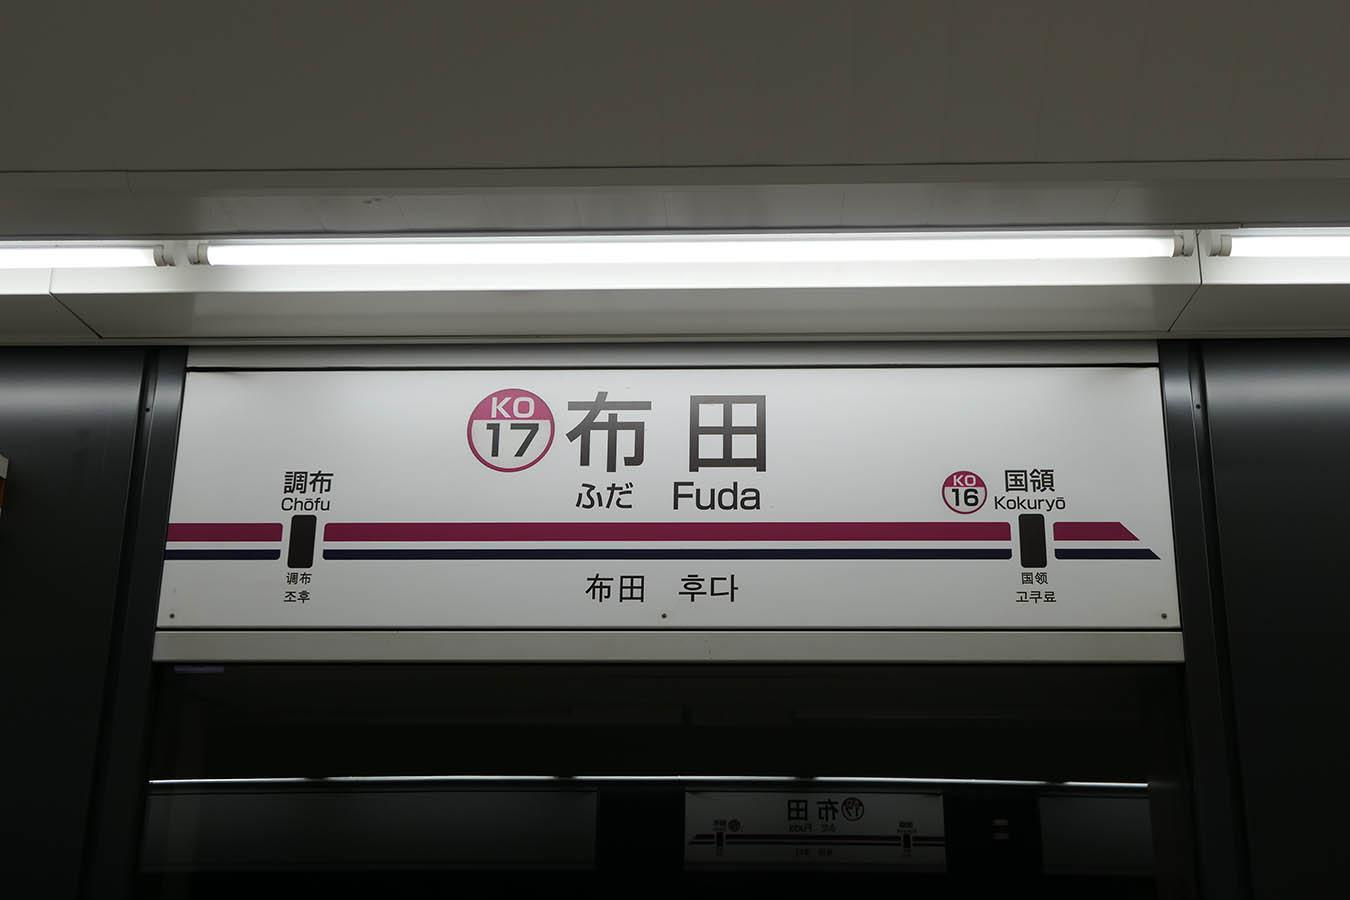 KO17_photo04.jpg